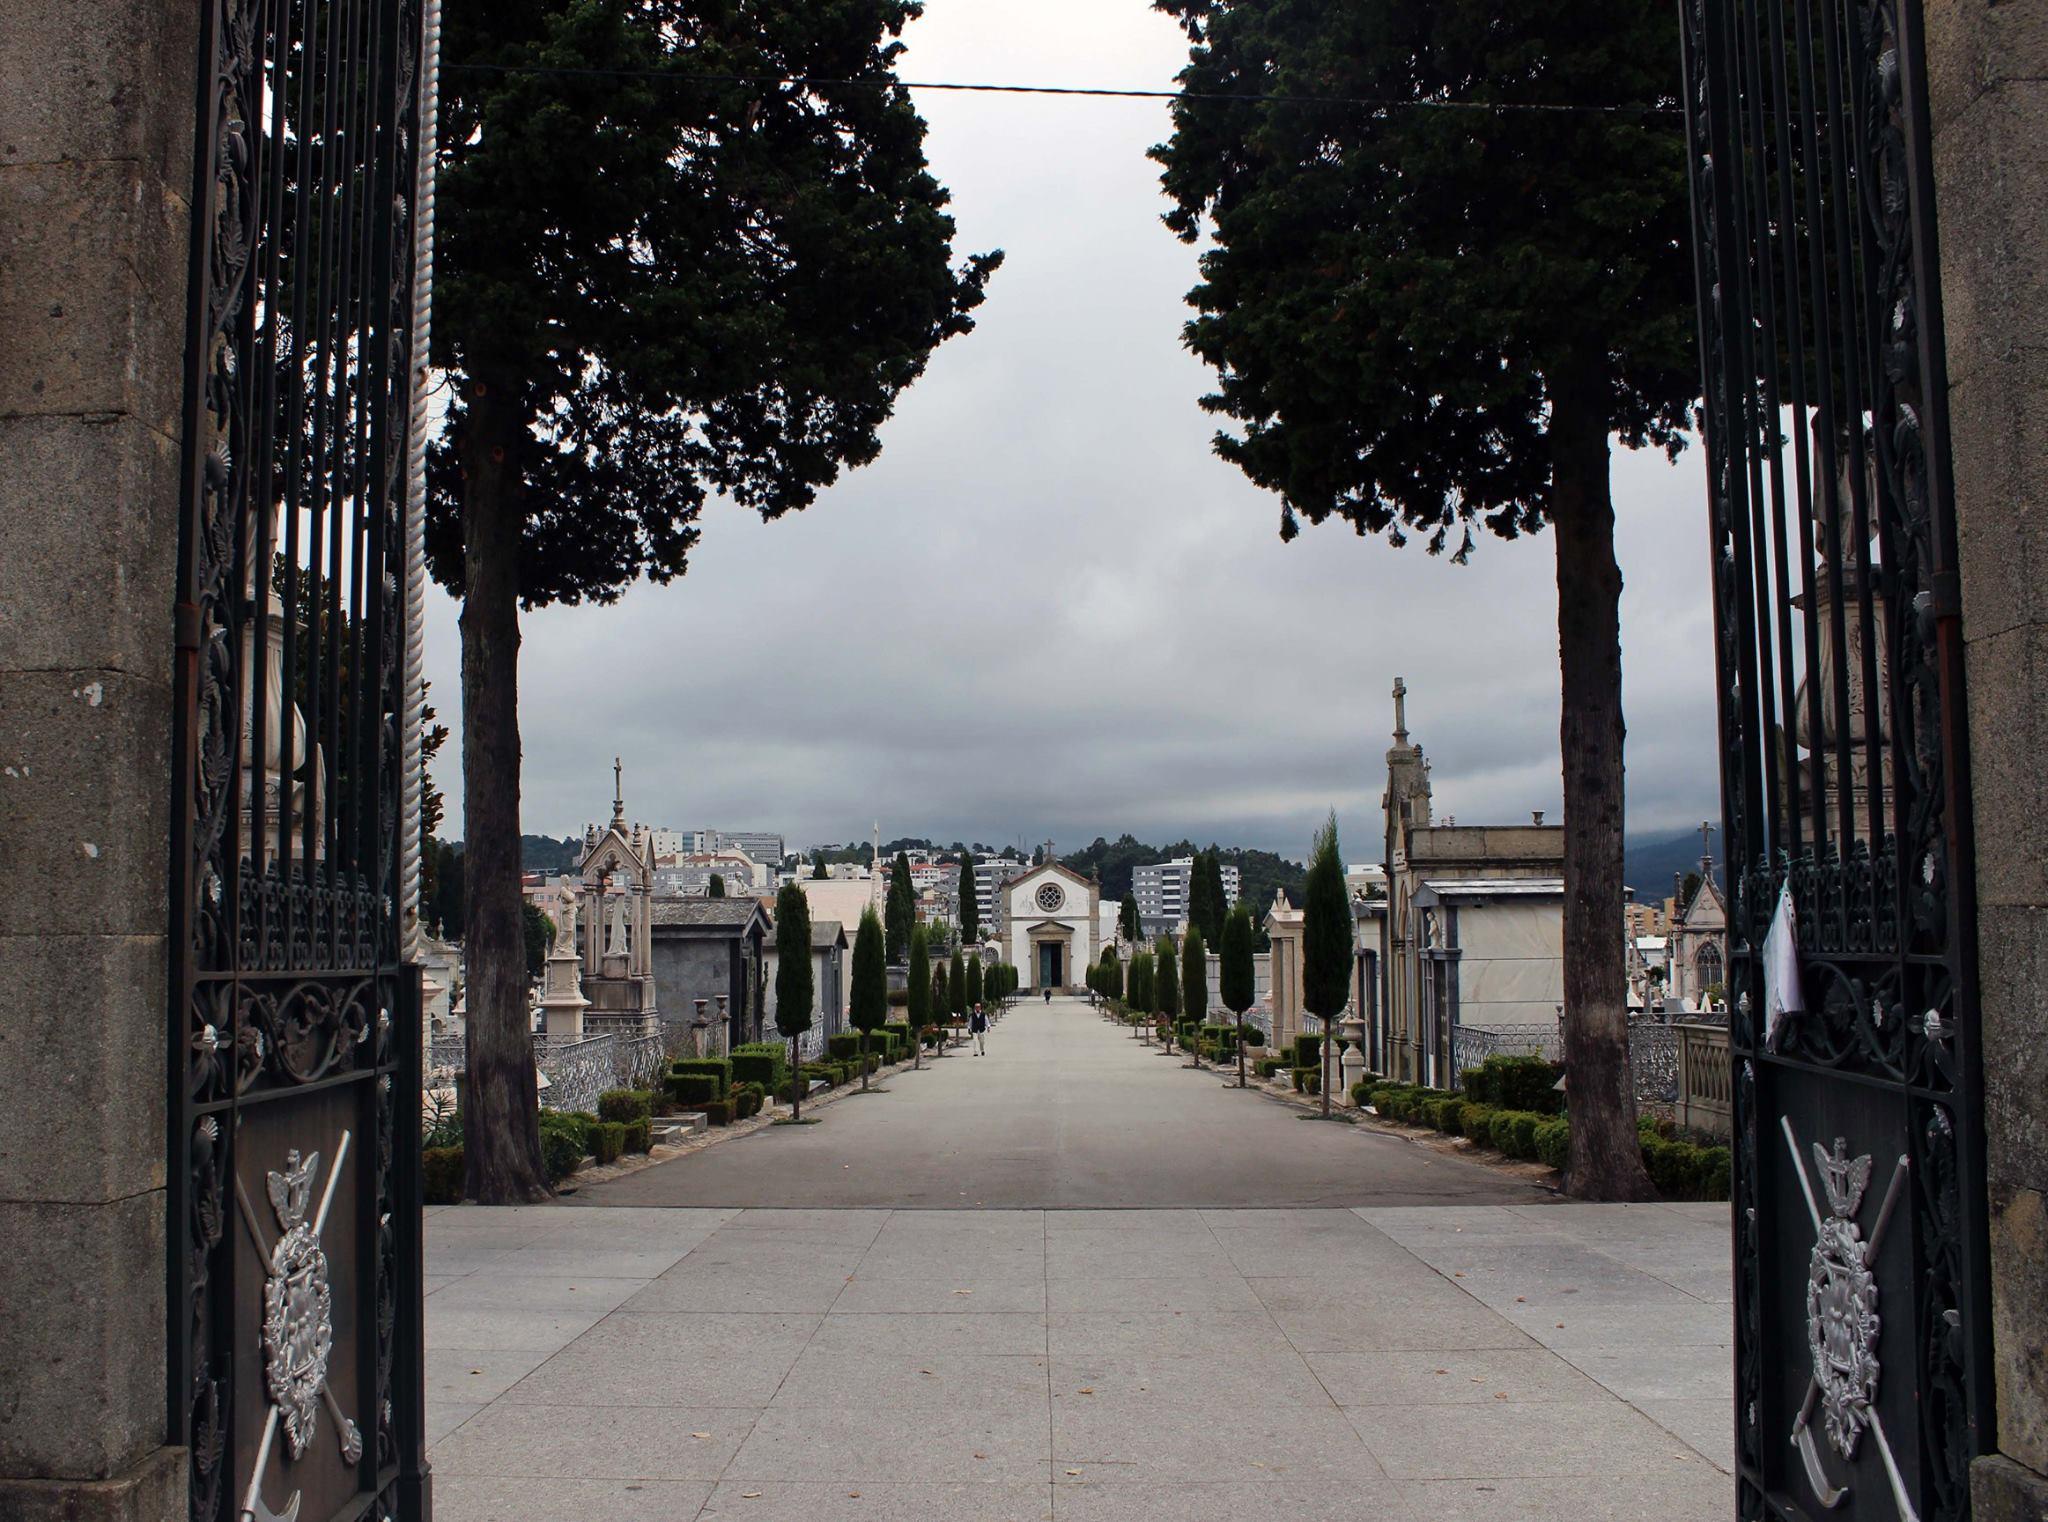 Câmara de Braga altera horários de espaços culturais encerra cemitério Monte d' Arcos